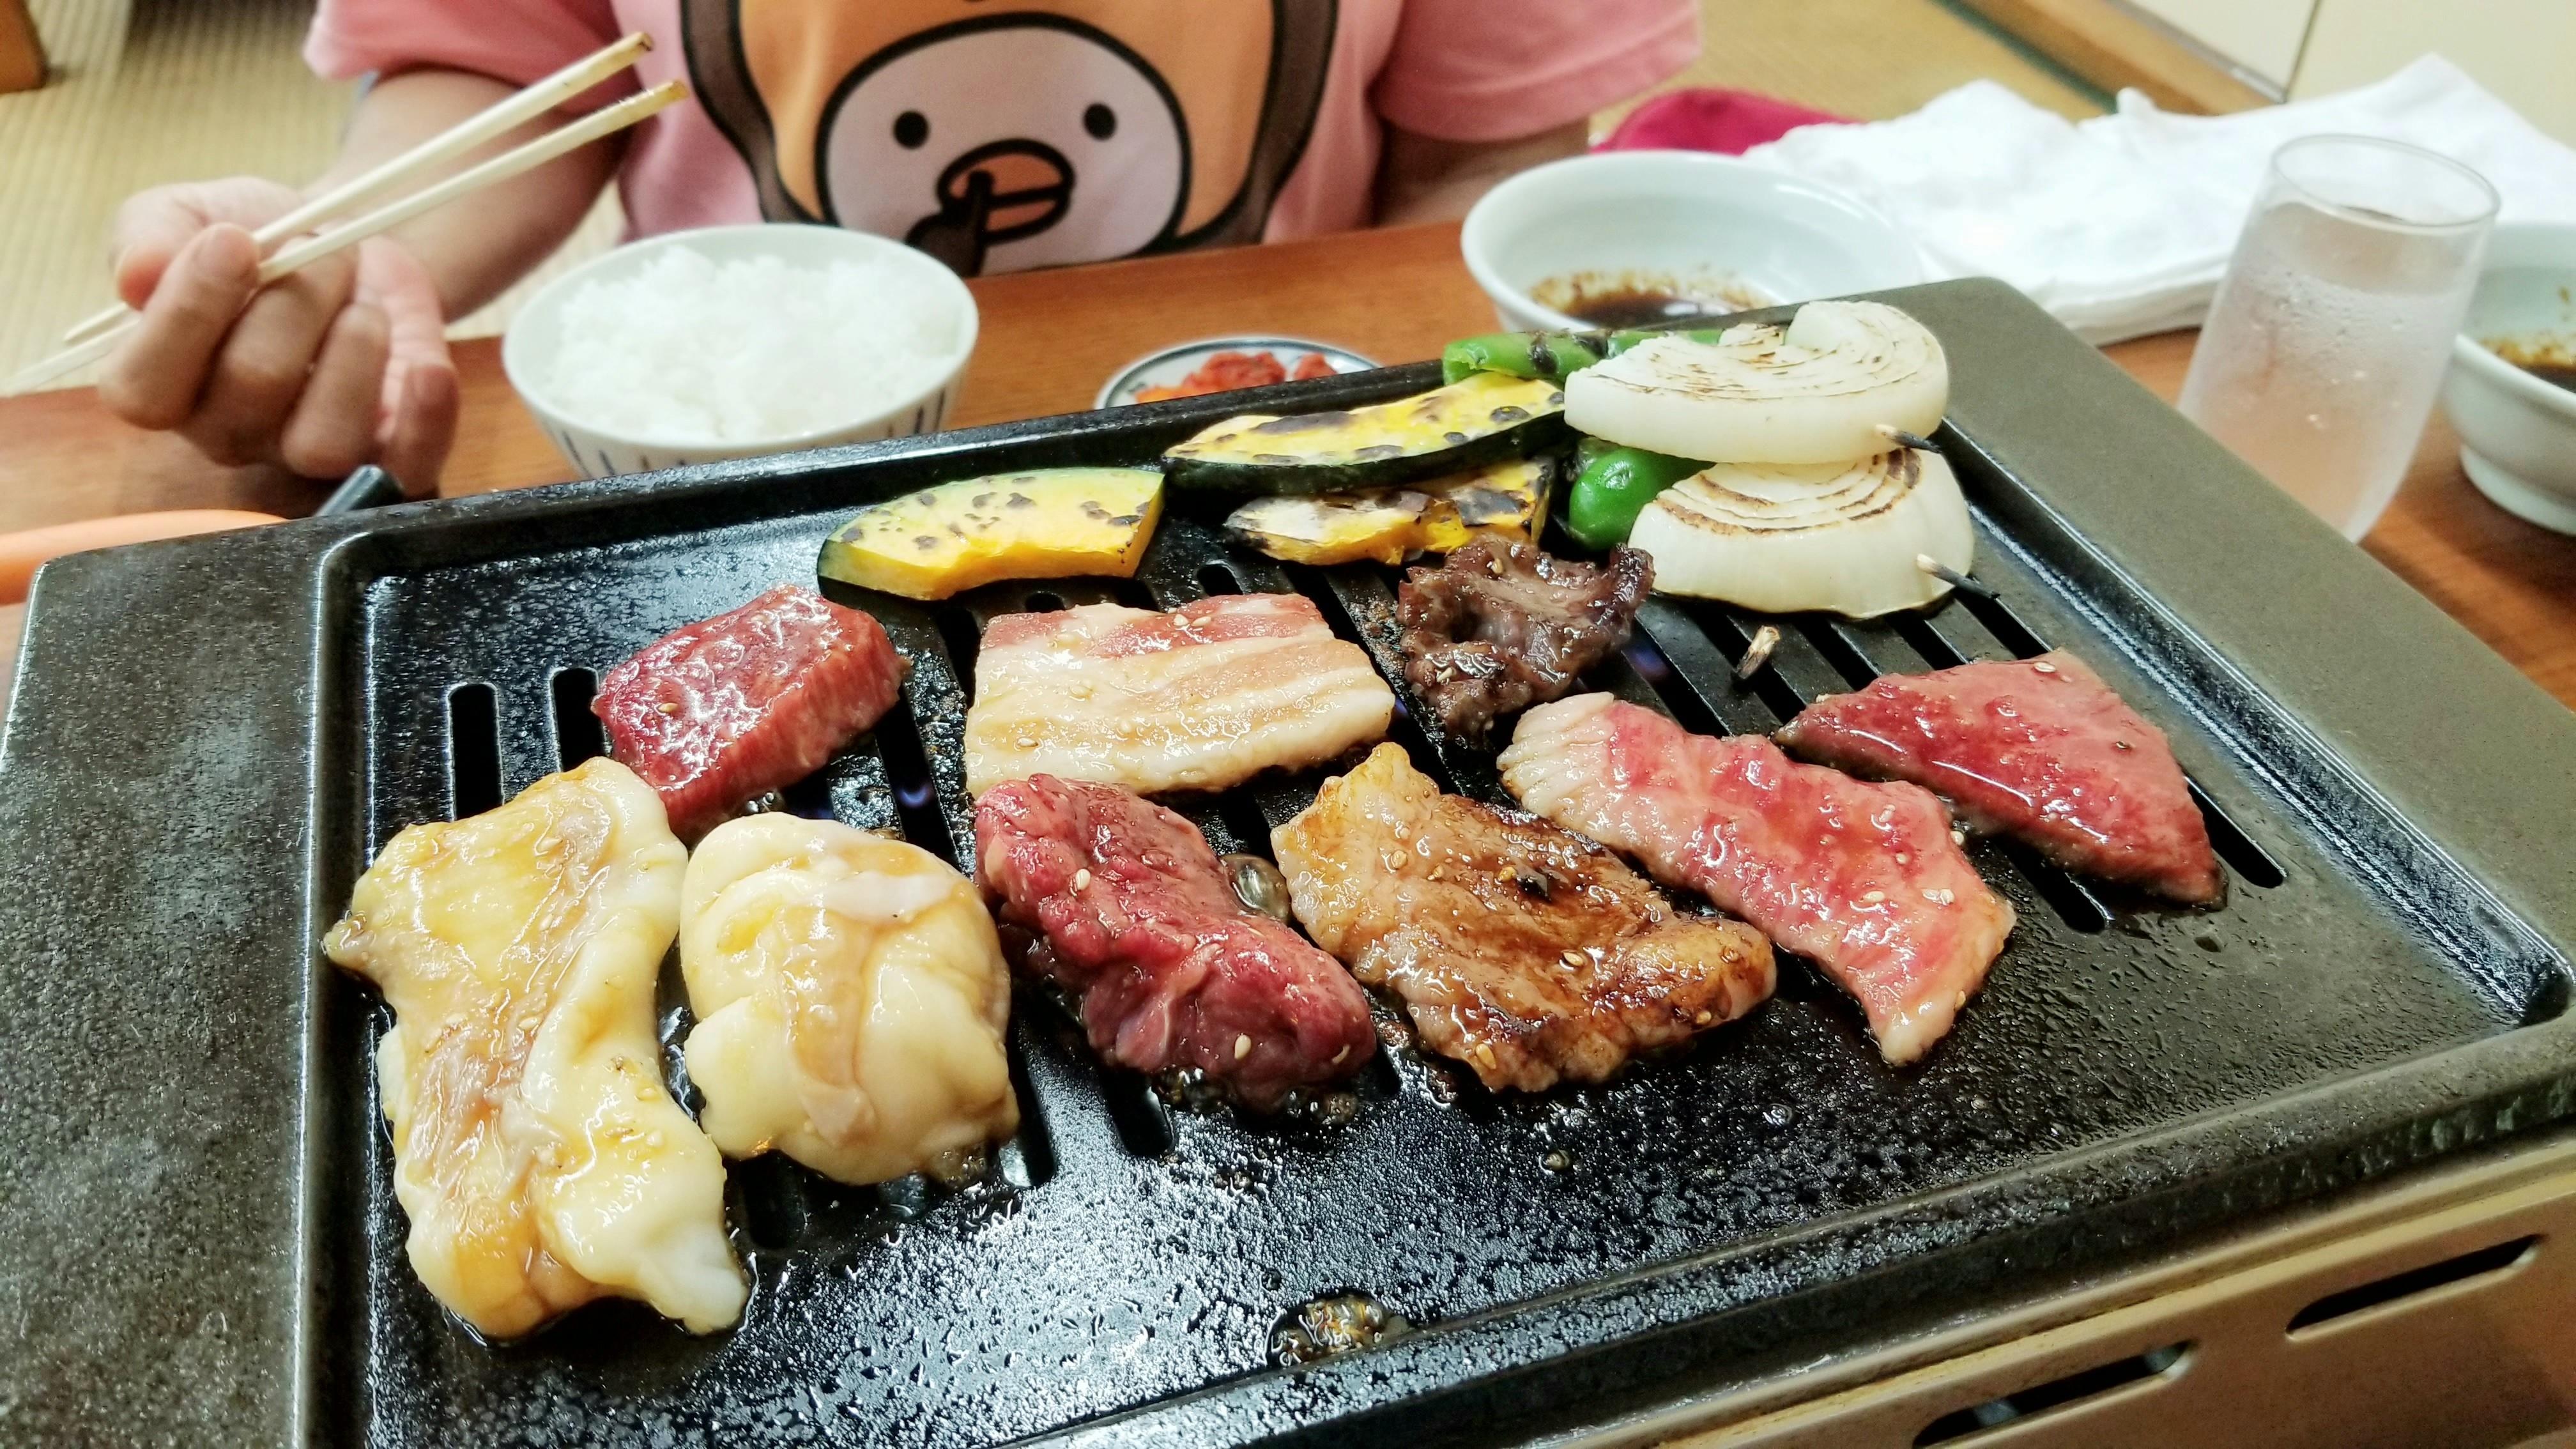 愛媛県松山市おすすめ人気焼肉屋店富久重美味しいコスパ最高安い